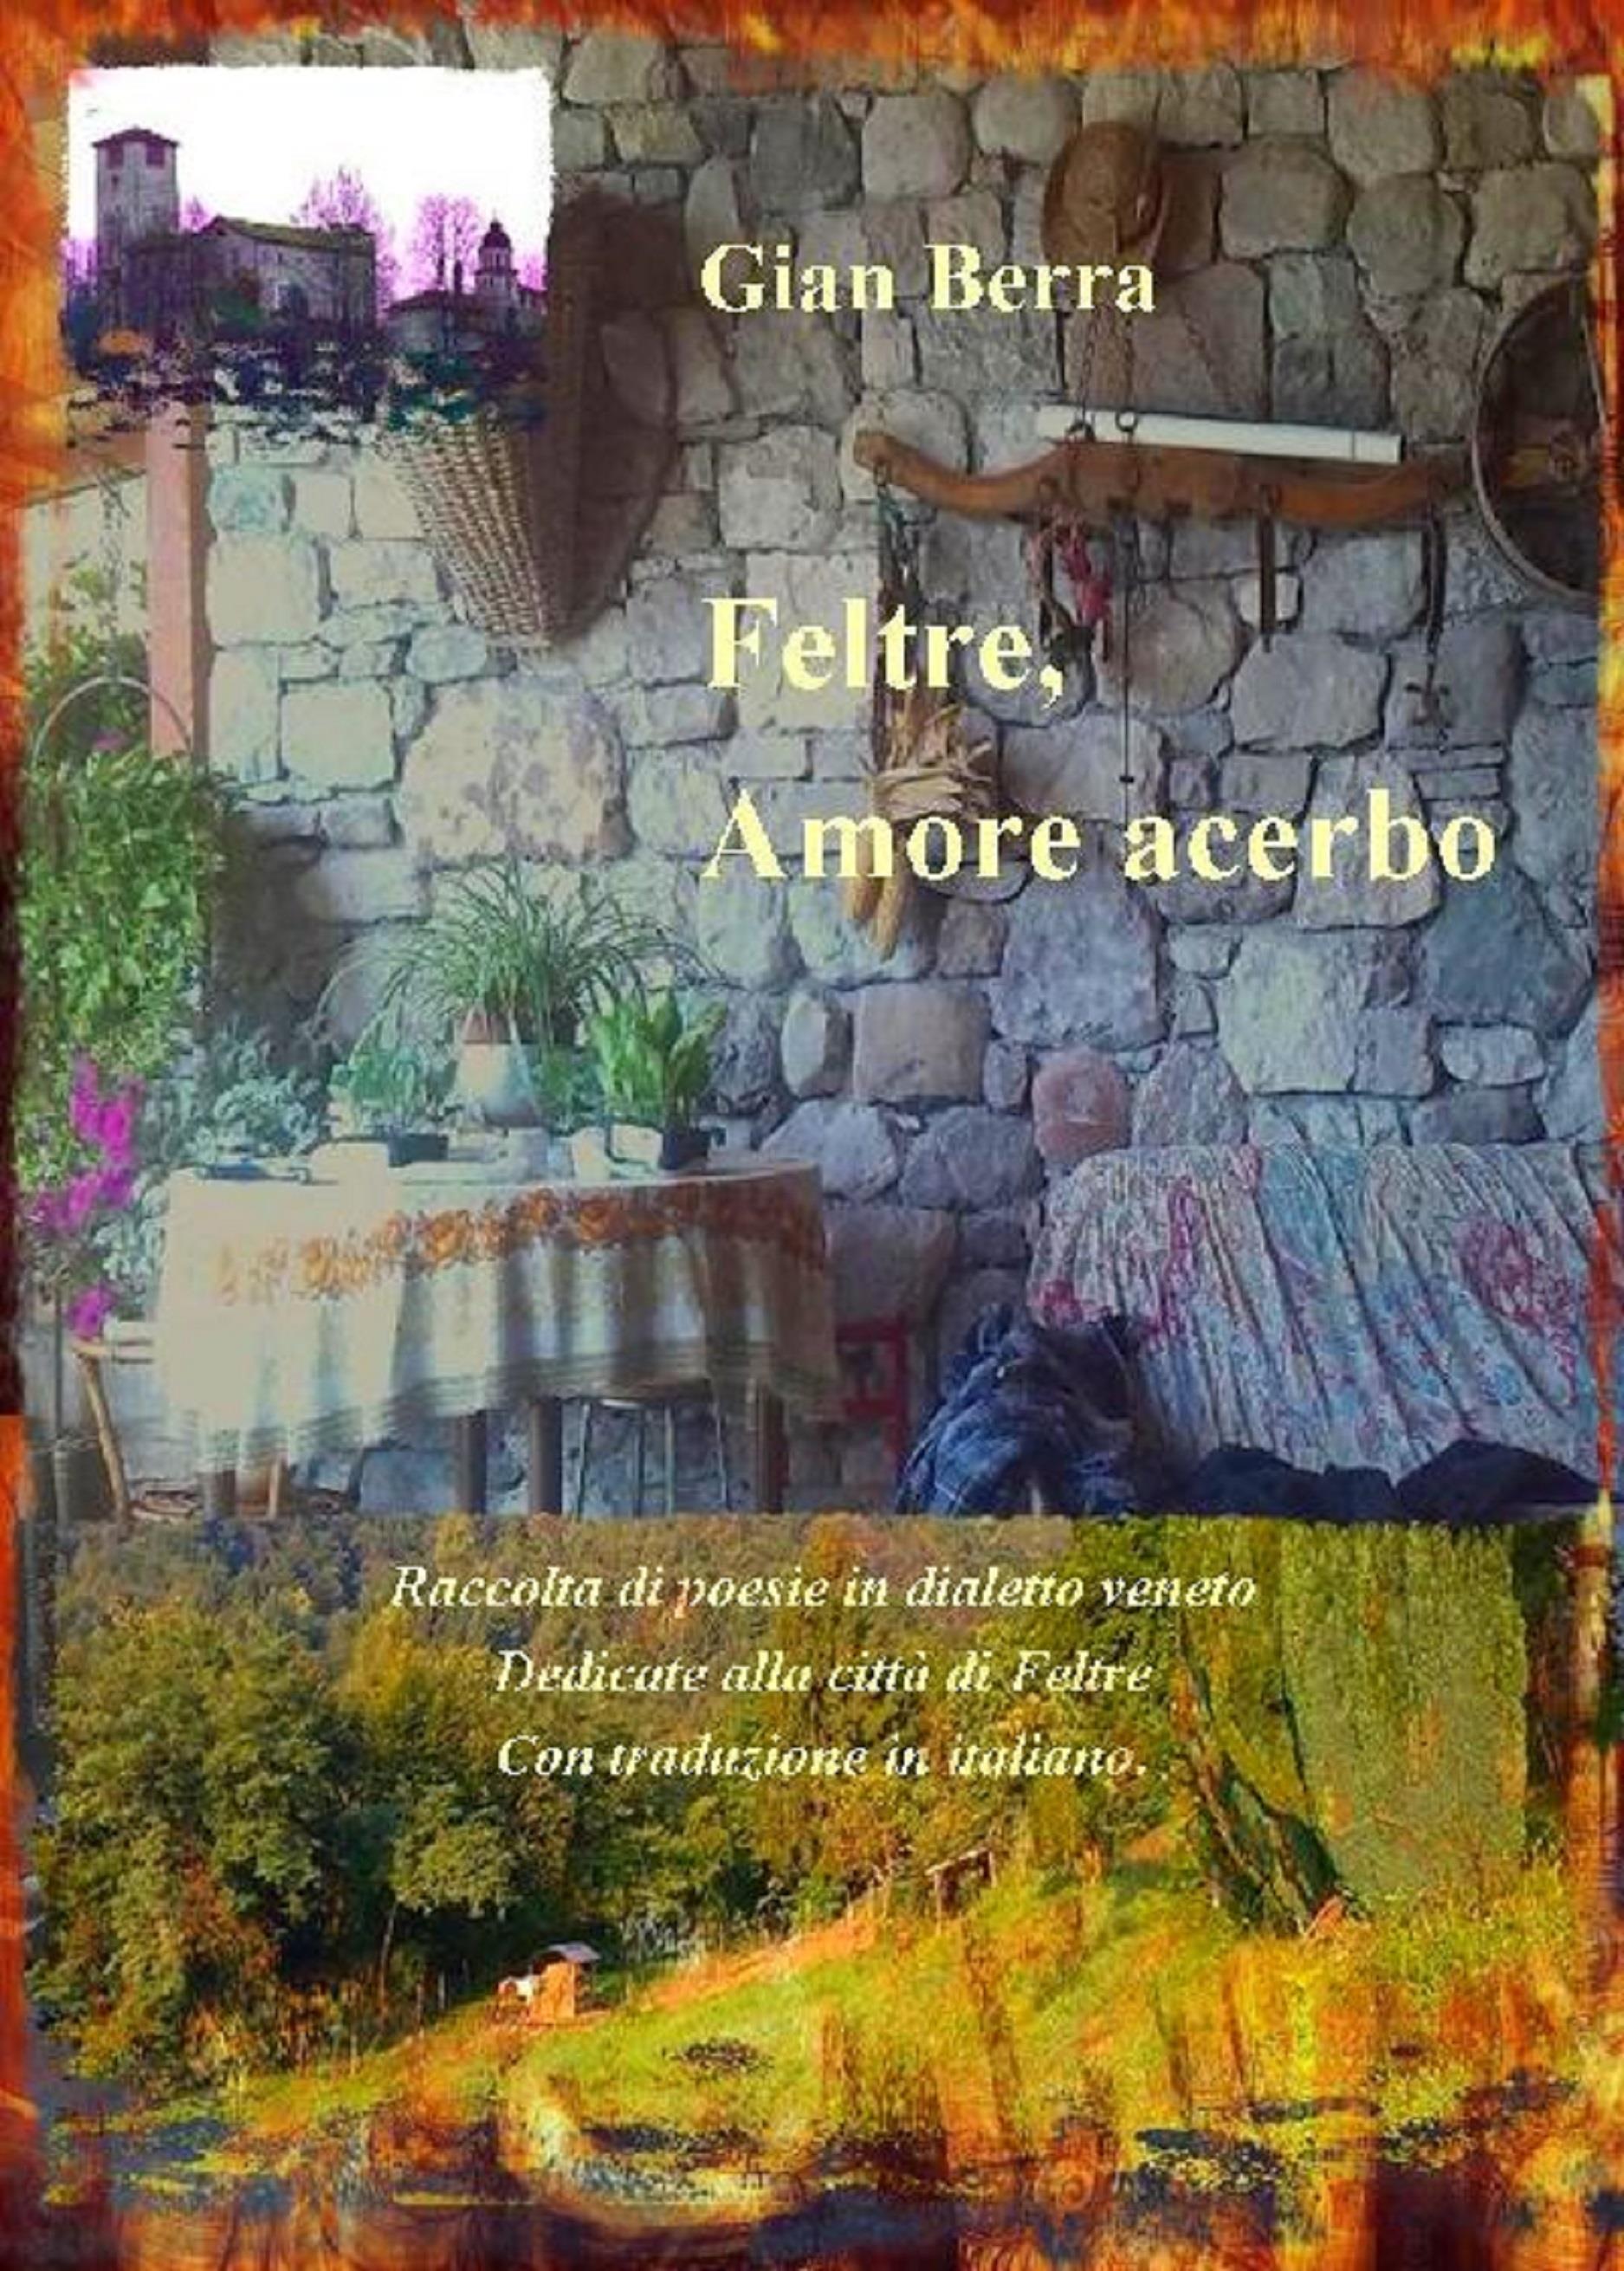 Feltre, amore acerbo. Poesie in dialetto veneto con traduzione in italiano. Gian Berra 2020